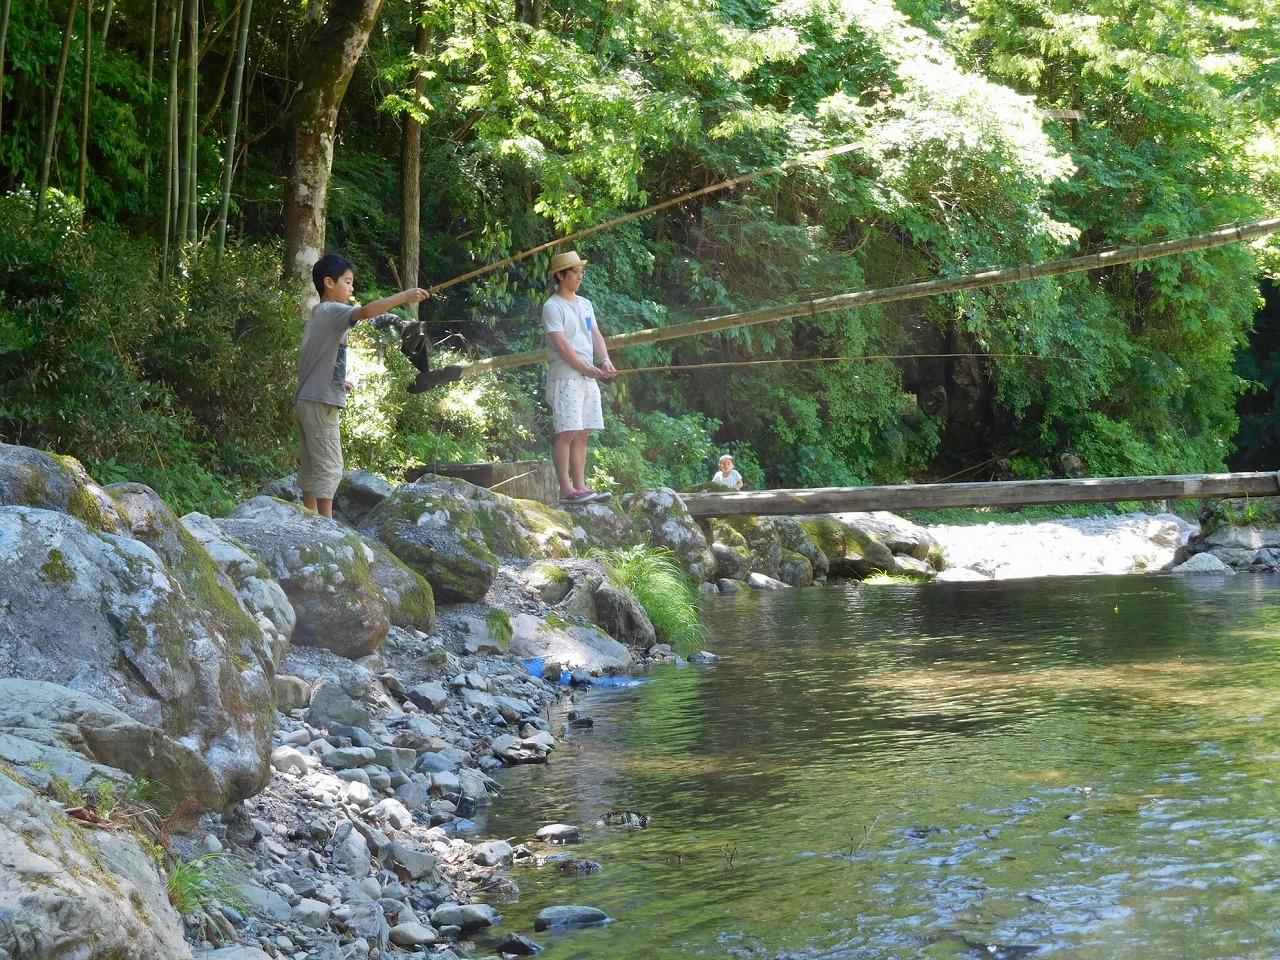 奥多摩の大丹波川国際虹ます釣り場へ行った日曜日